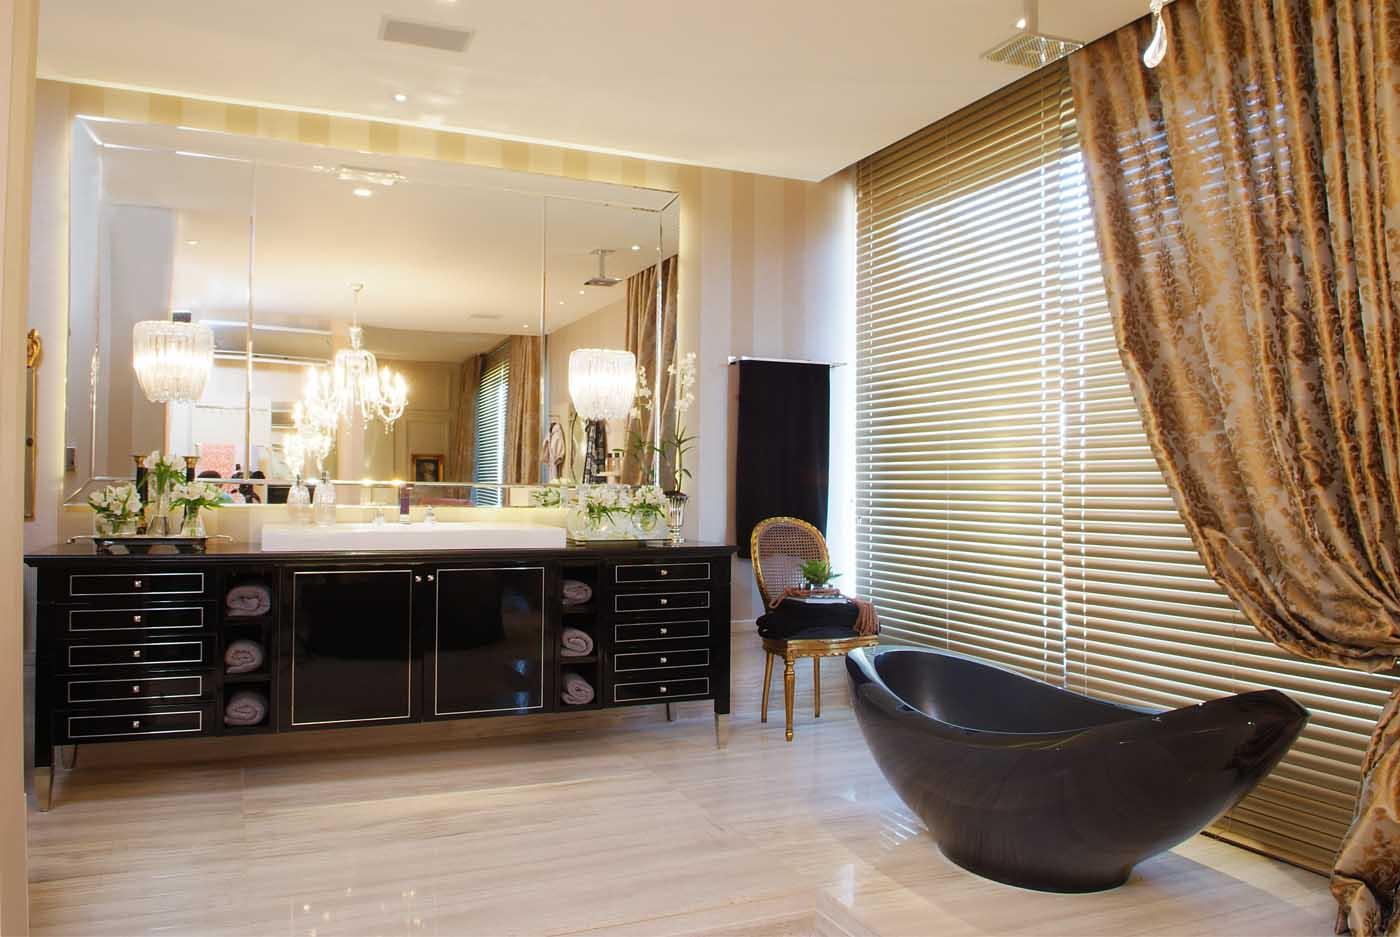 Banheiros com armários clássicos  veja modelos com essa tendência!  DecorSa -> Banheiro Pequeno E Classico